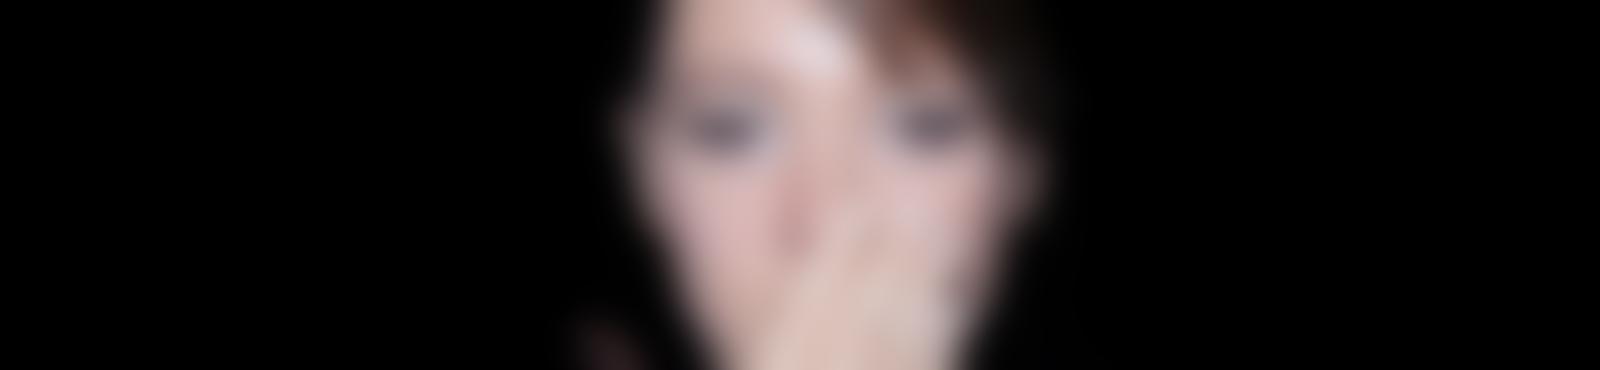 Blurred 392ab14b 42d1 4a55 aef8 3562db3a9e04